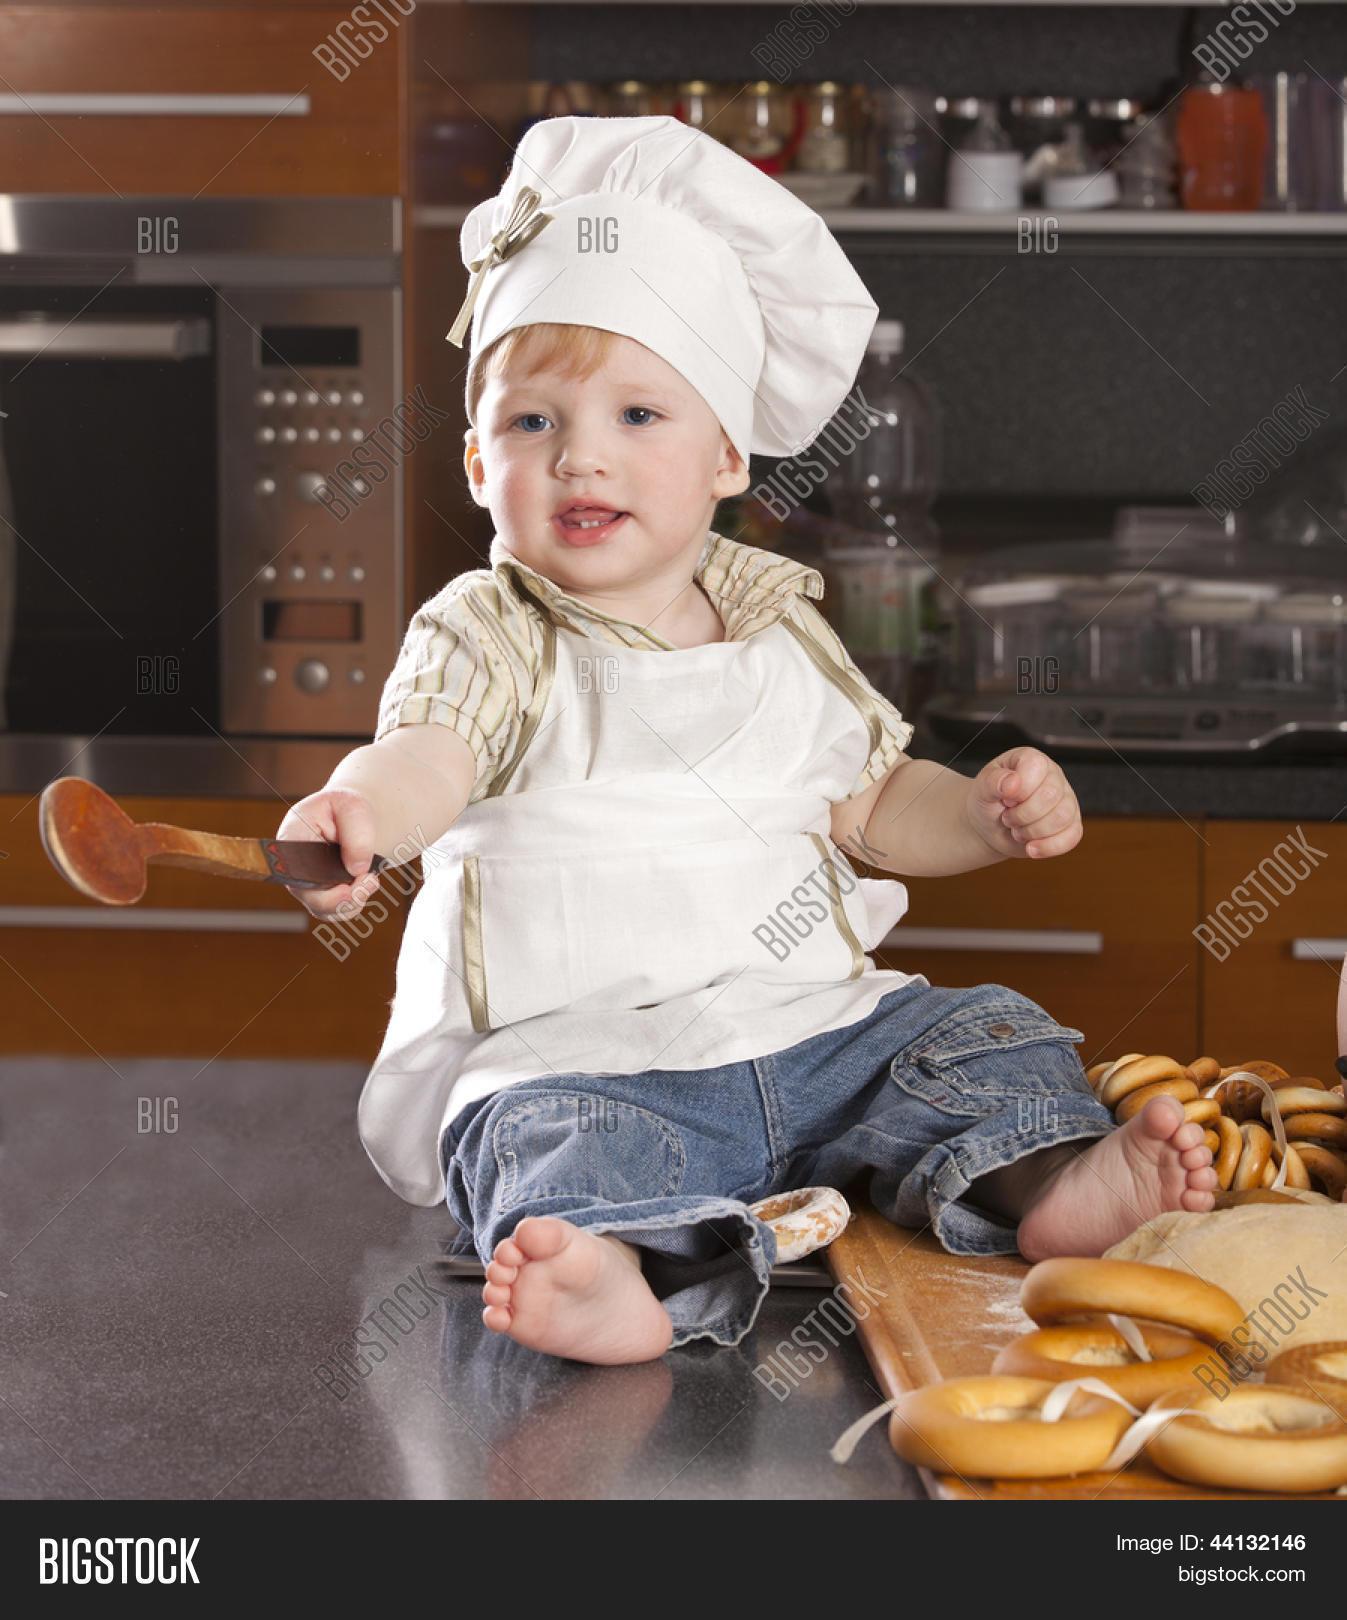 Дети и кулинария фото